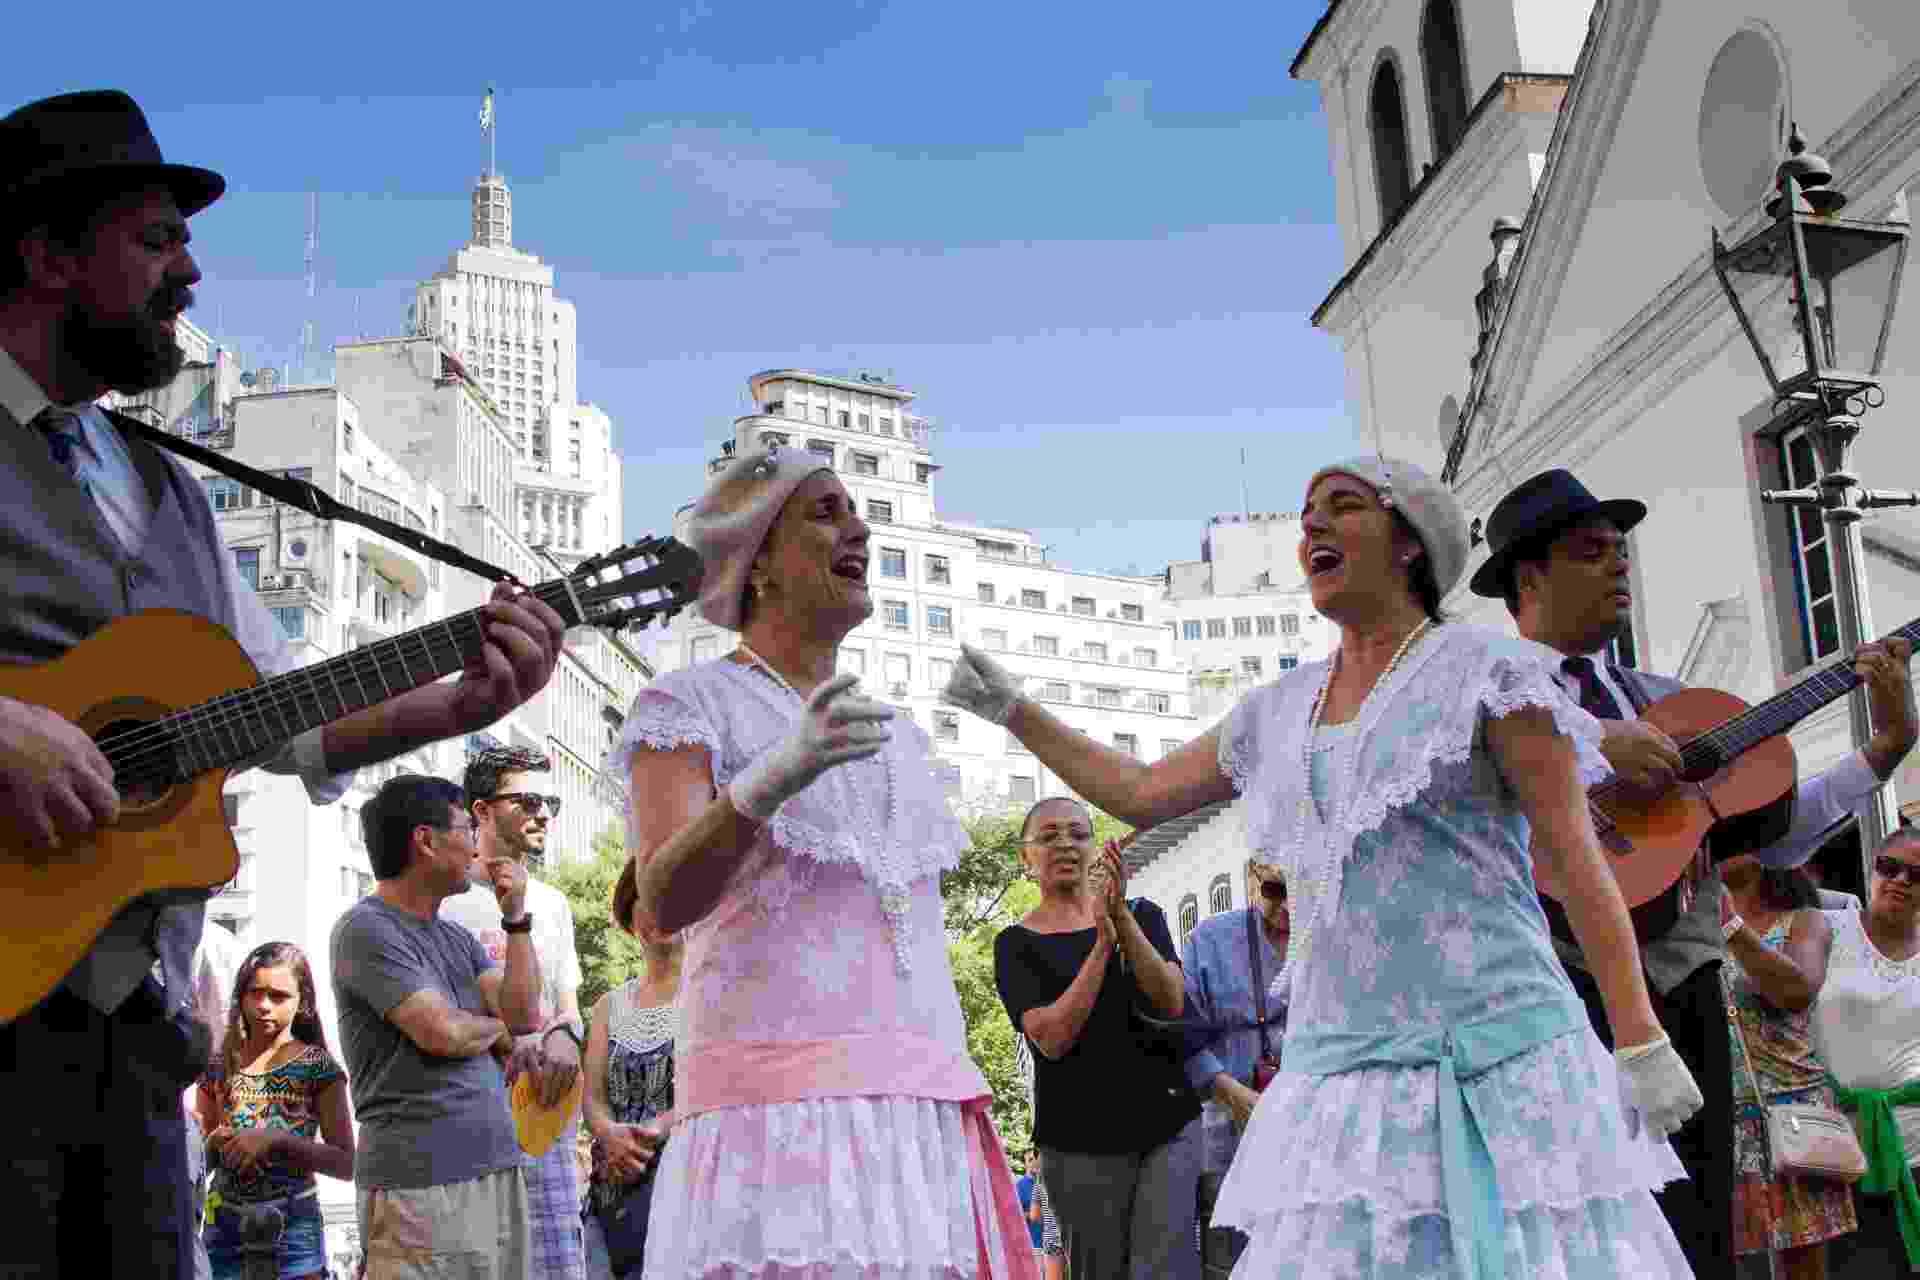 25.jan.2016 - Grupo Trovadores Urbanos se apresenta no Pátio do Colégio, no Centro de São Paulo, como parte das comemorações pelos 462 anos de fundação da cidade de São Paulo - Kevin David/Futura Press/Estadão Conteúdo